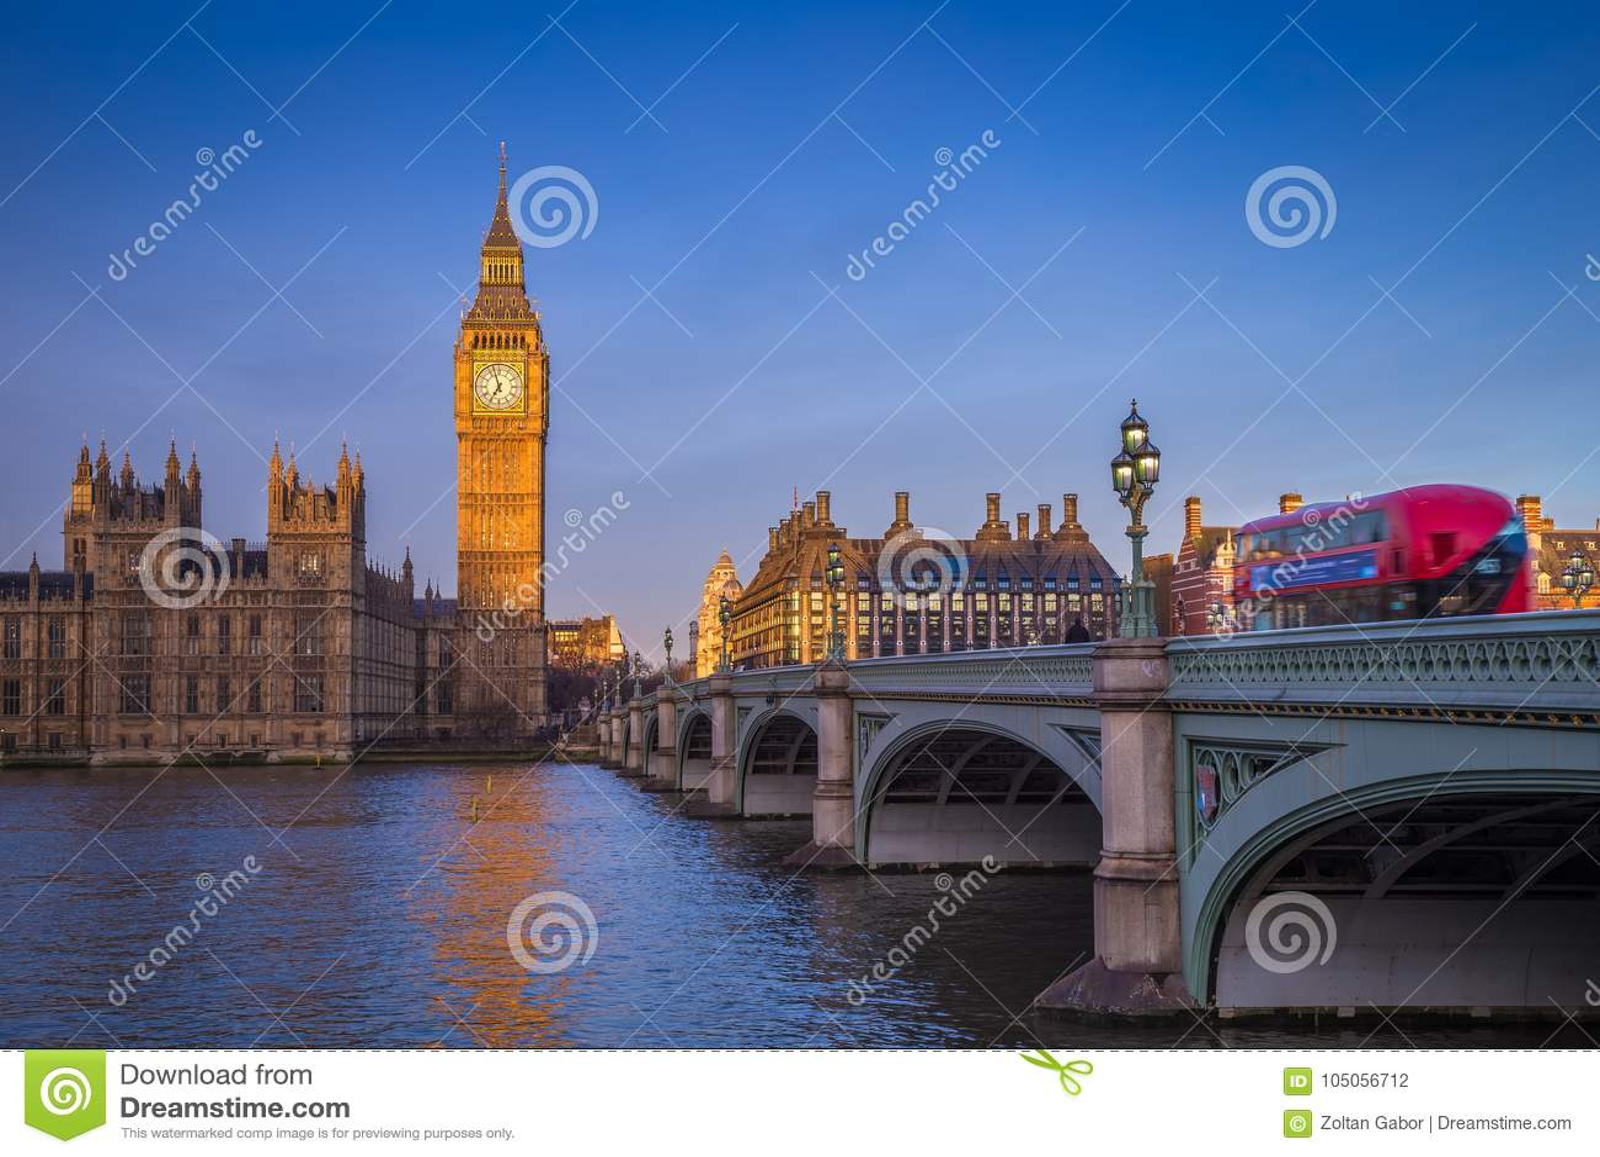 Londres, Inglaterra - Big Ben icônico com as casas do parlamento e do ônibus vermelho tradicional do ônibus de dois andares